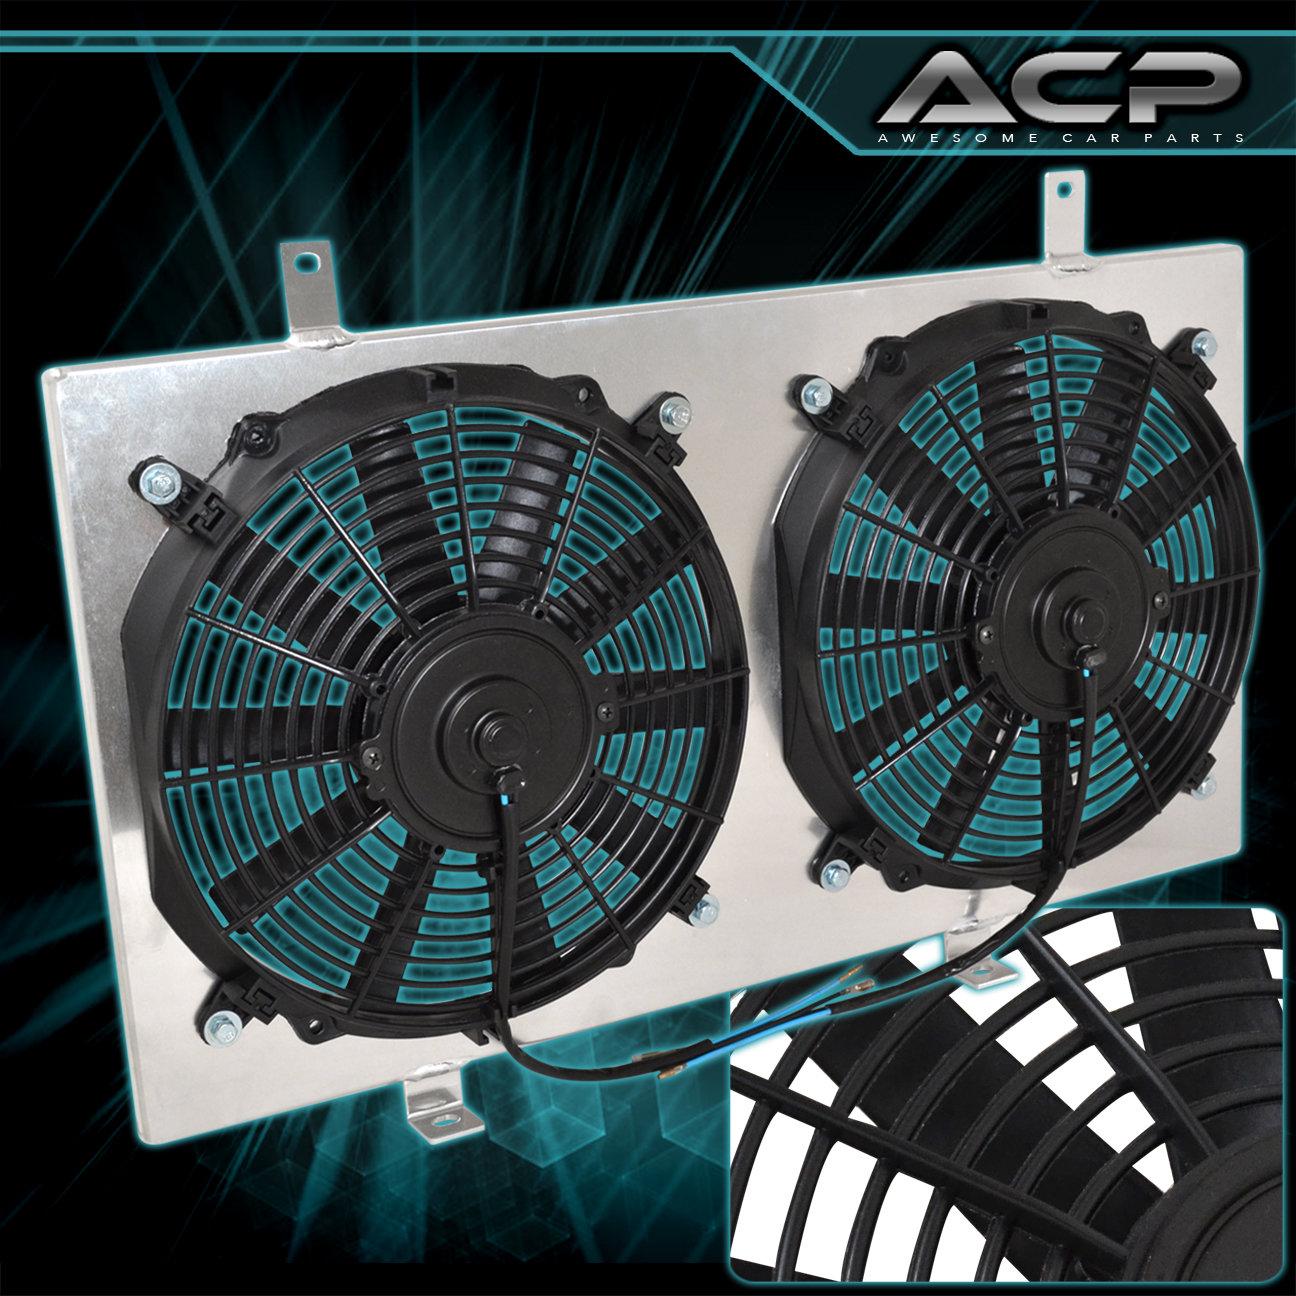 For 89 90 91 92 93 94 95 240SX S13 CA18 Aluminum Radiator Fan Shroud Kit JDM